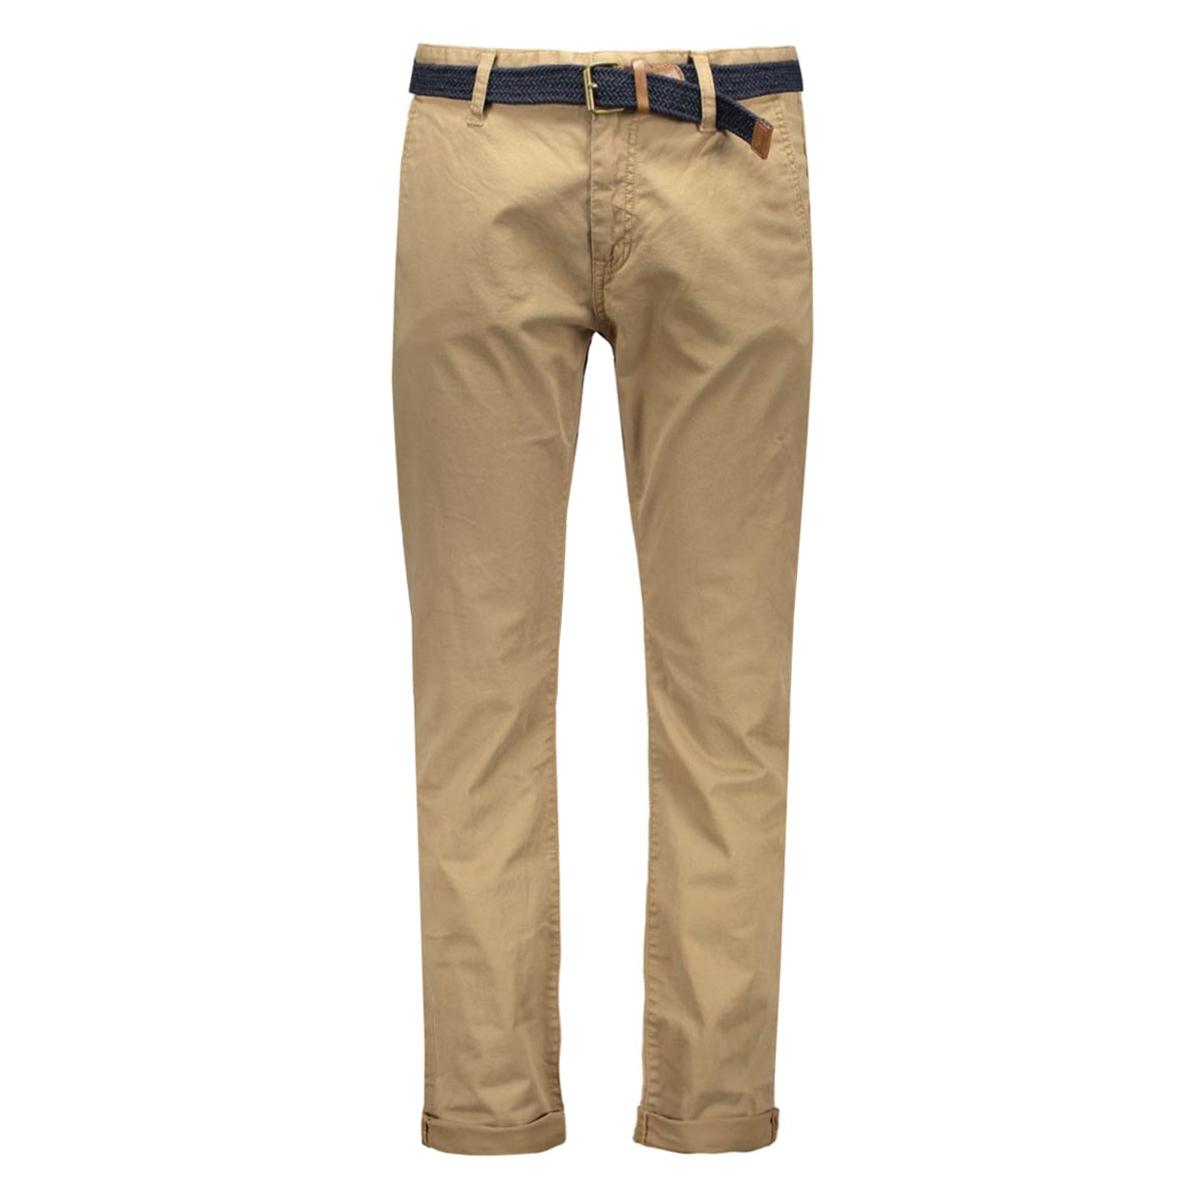 6404433.09.10 tom tailor broek 8206